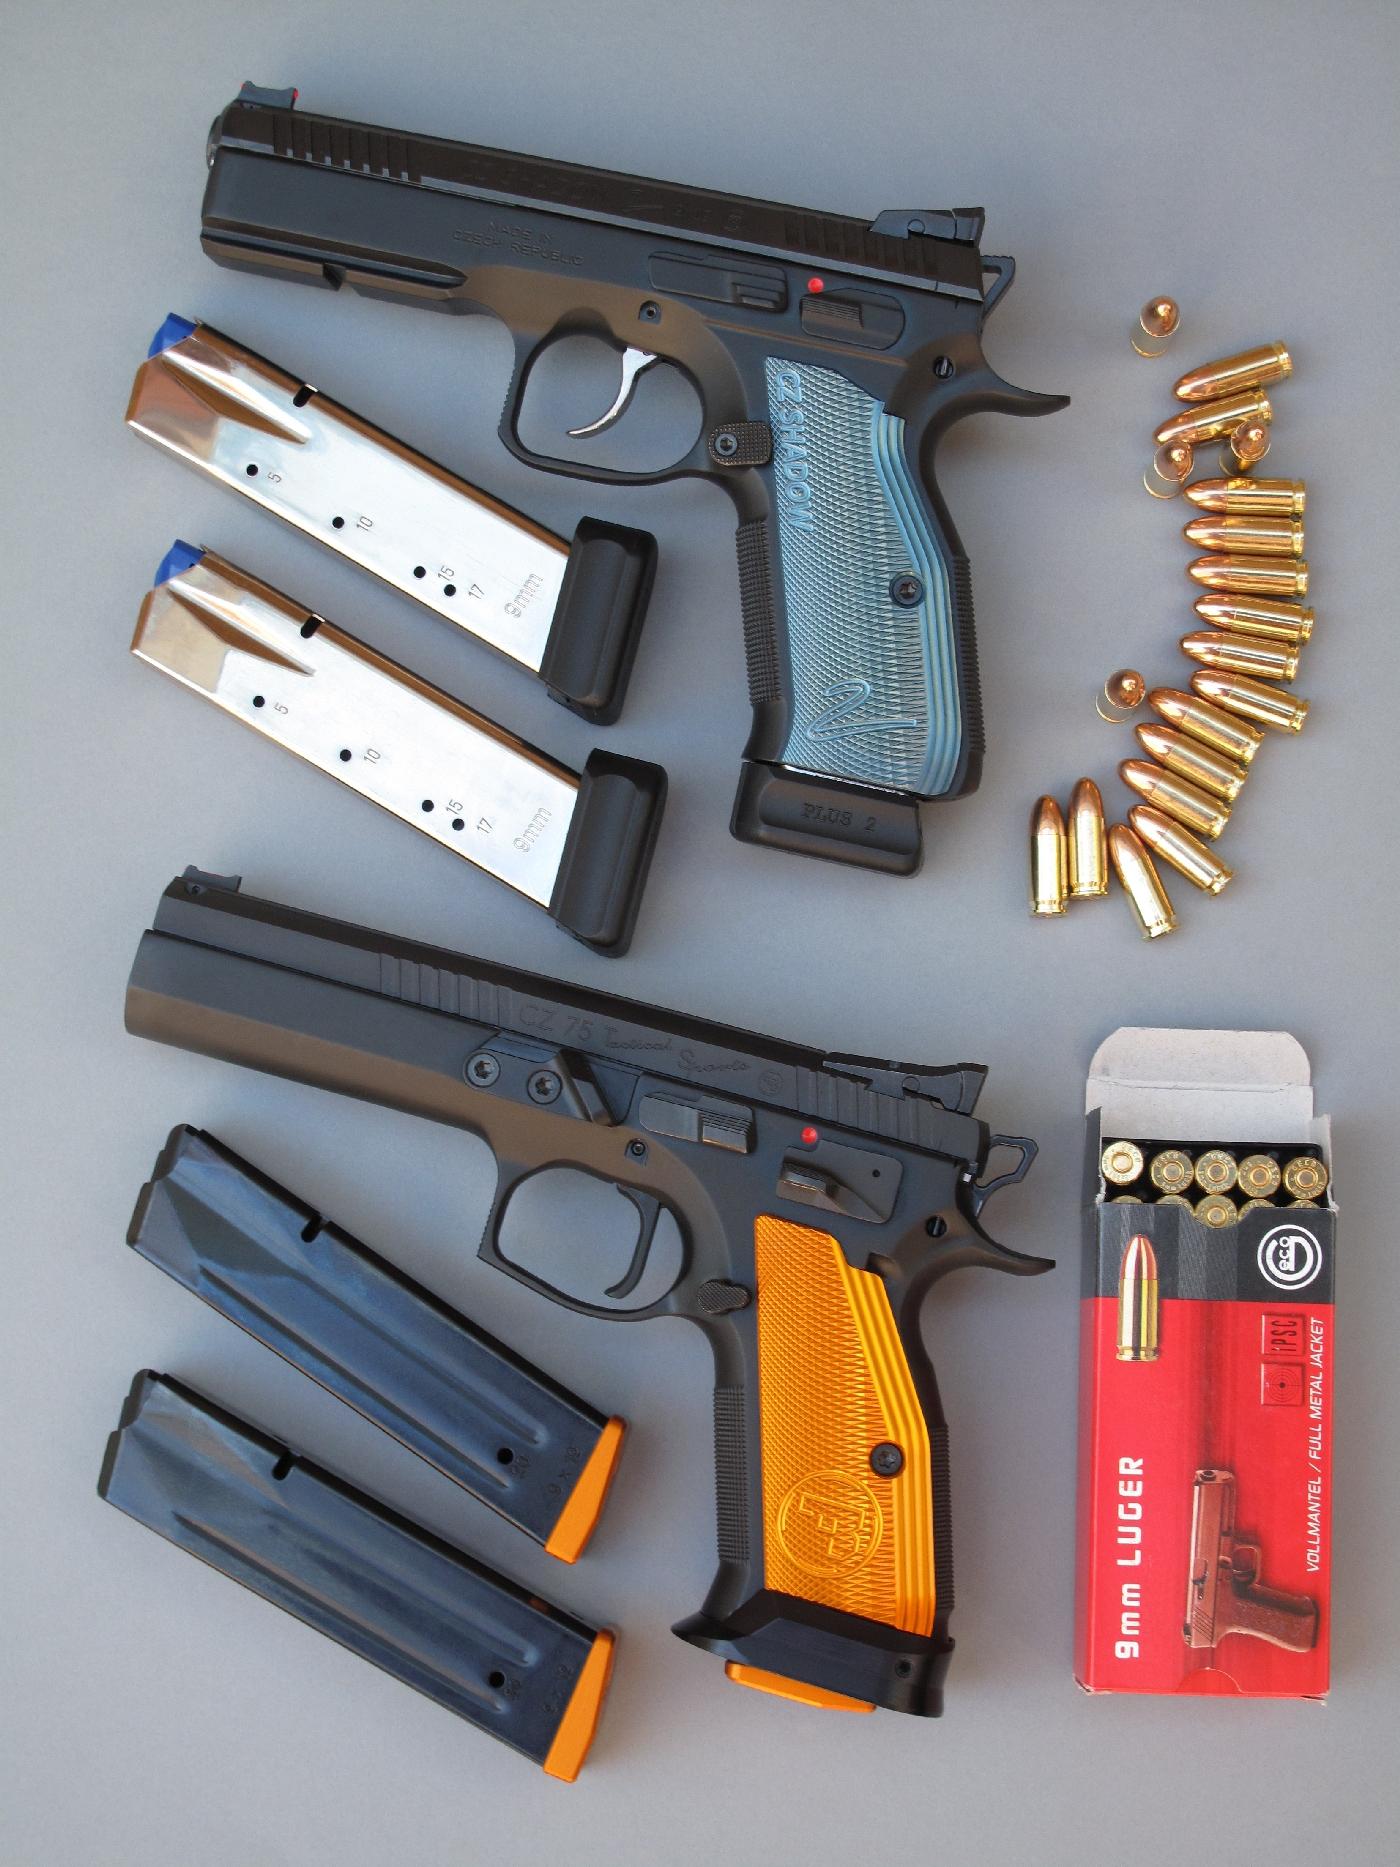 Les pistolets CZ 75 « Shadow 2 » et CZ 75 « Tactical Sports », accompagnés chacun par leurs trois chargeurs d'une capacité respective de dix-neuf et vingt coups.